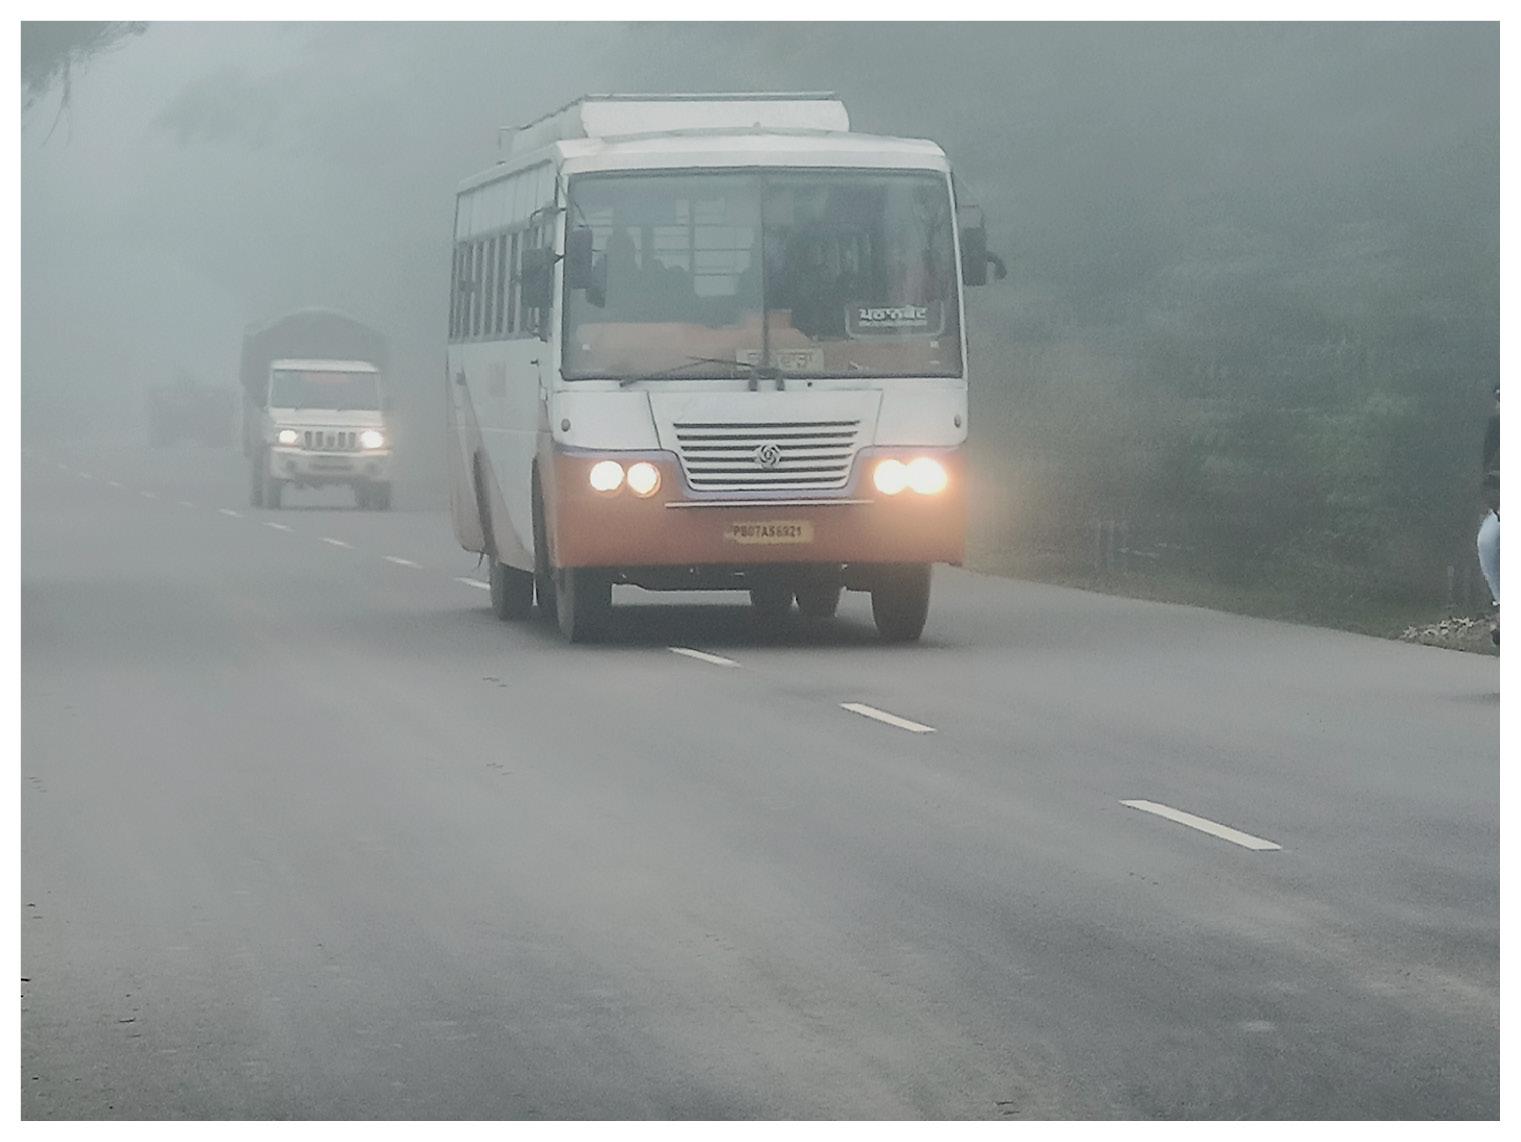 पंजाब के होशियारपुर में सुबह देर तक कोहरा छाया रहा।